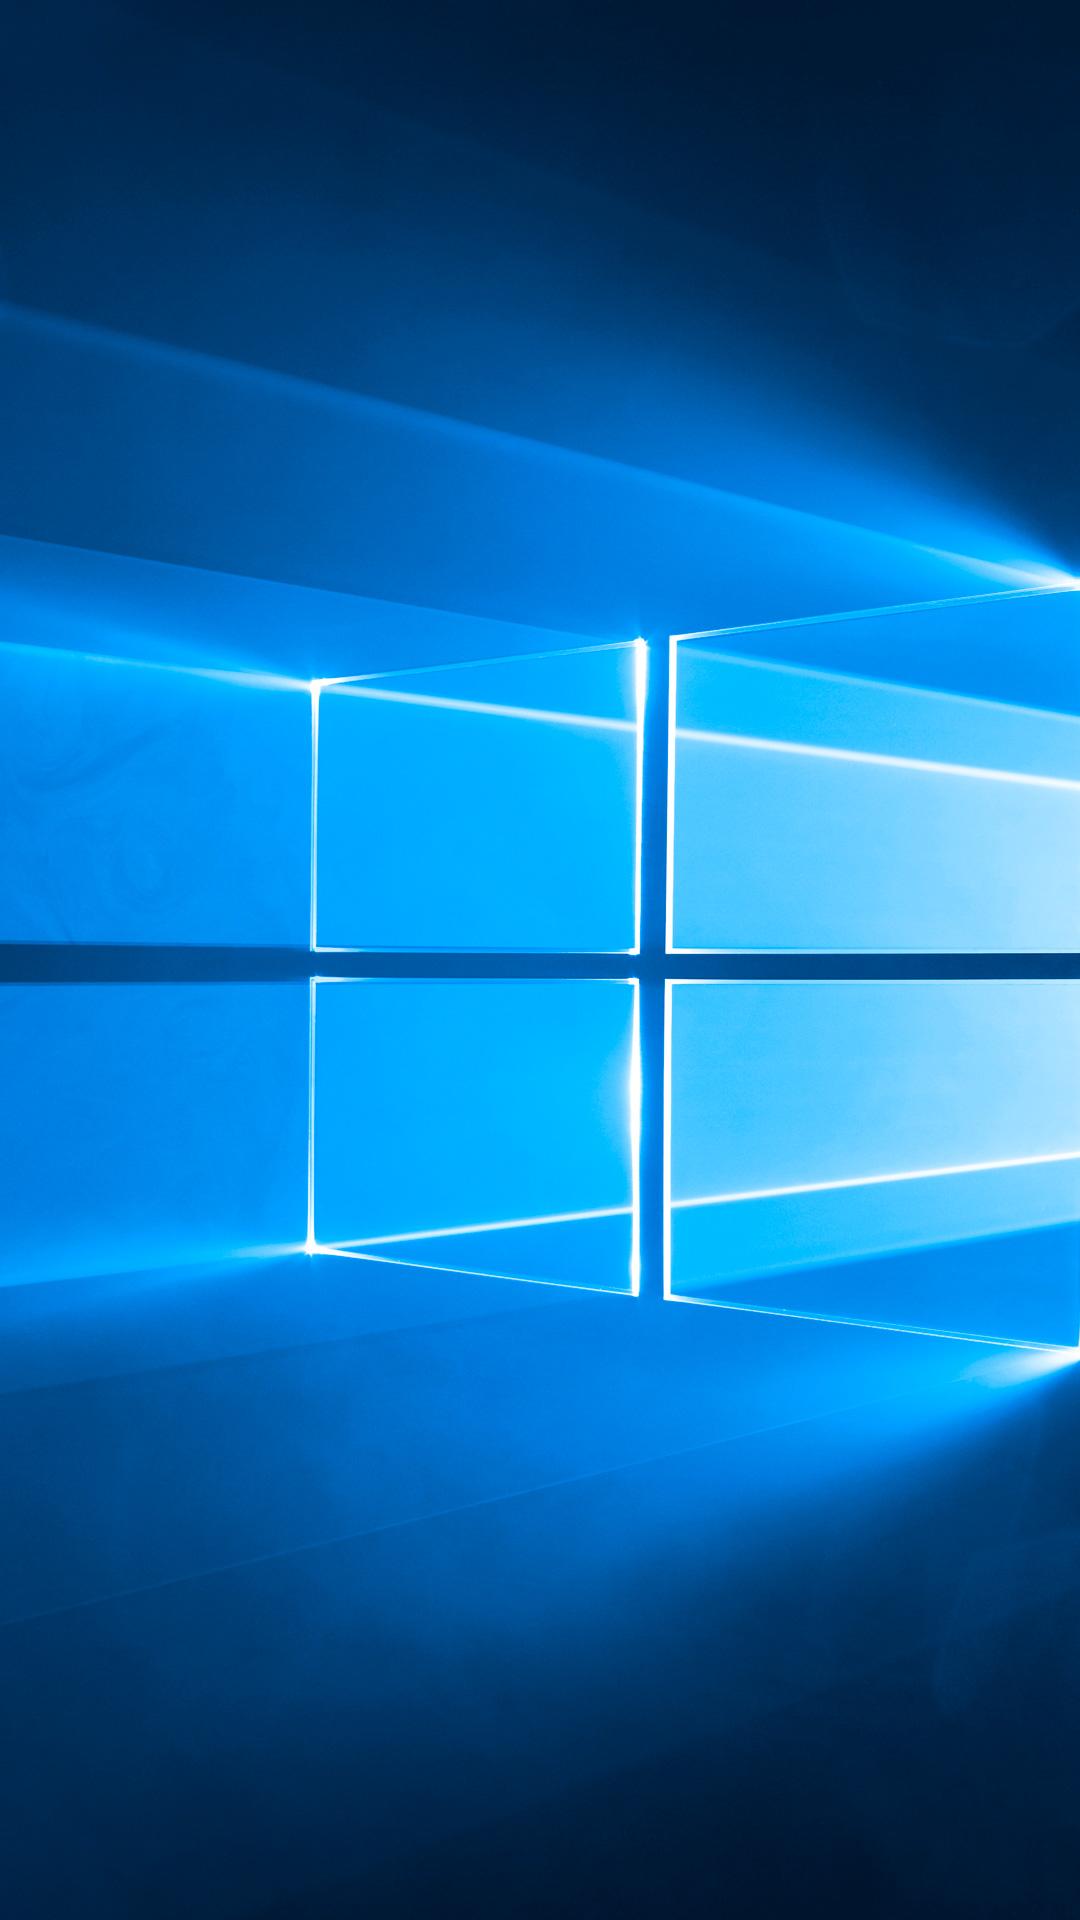 Download 3000+ Wallpaper Laptop Bergerak Windows 10 HD Paling Keren